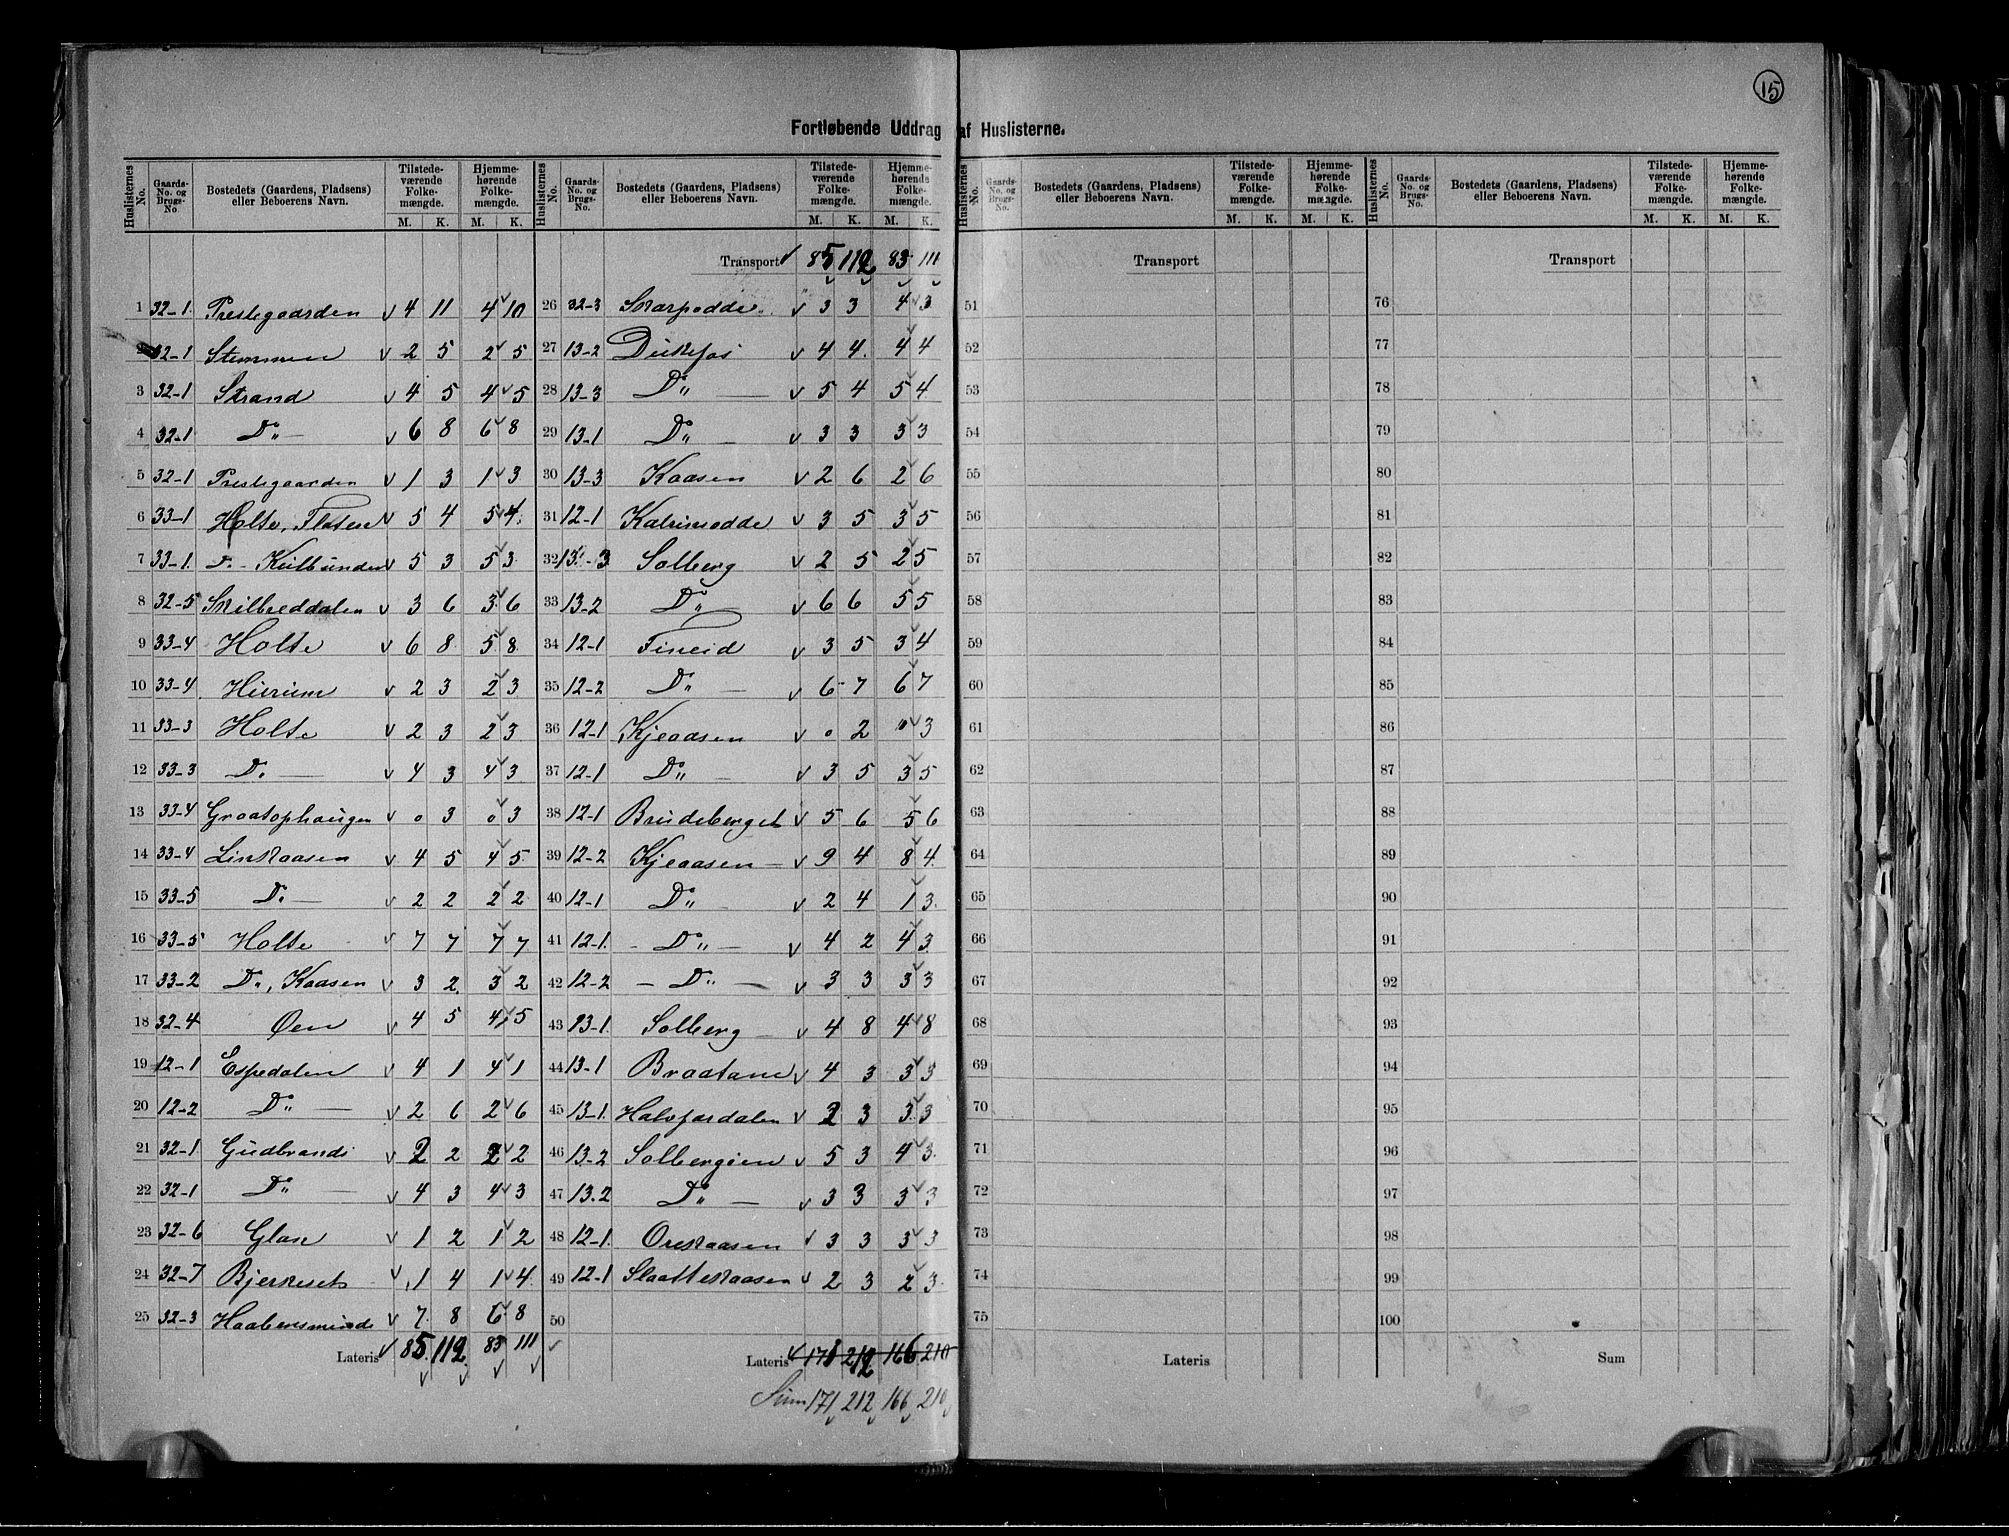 RA, Folketelling 1891 for 0817 Drangedal herred, 1891, s. 15